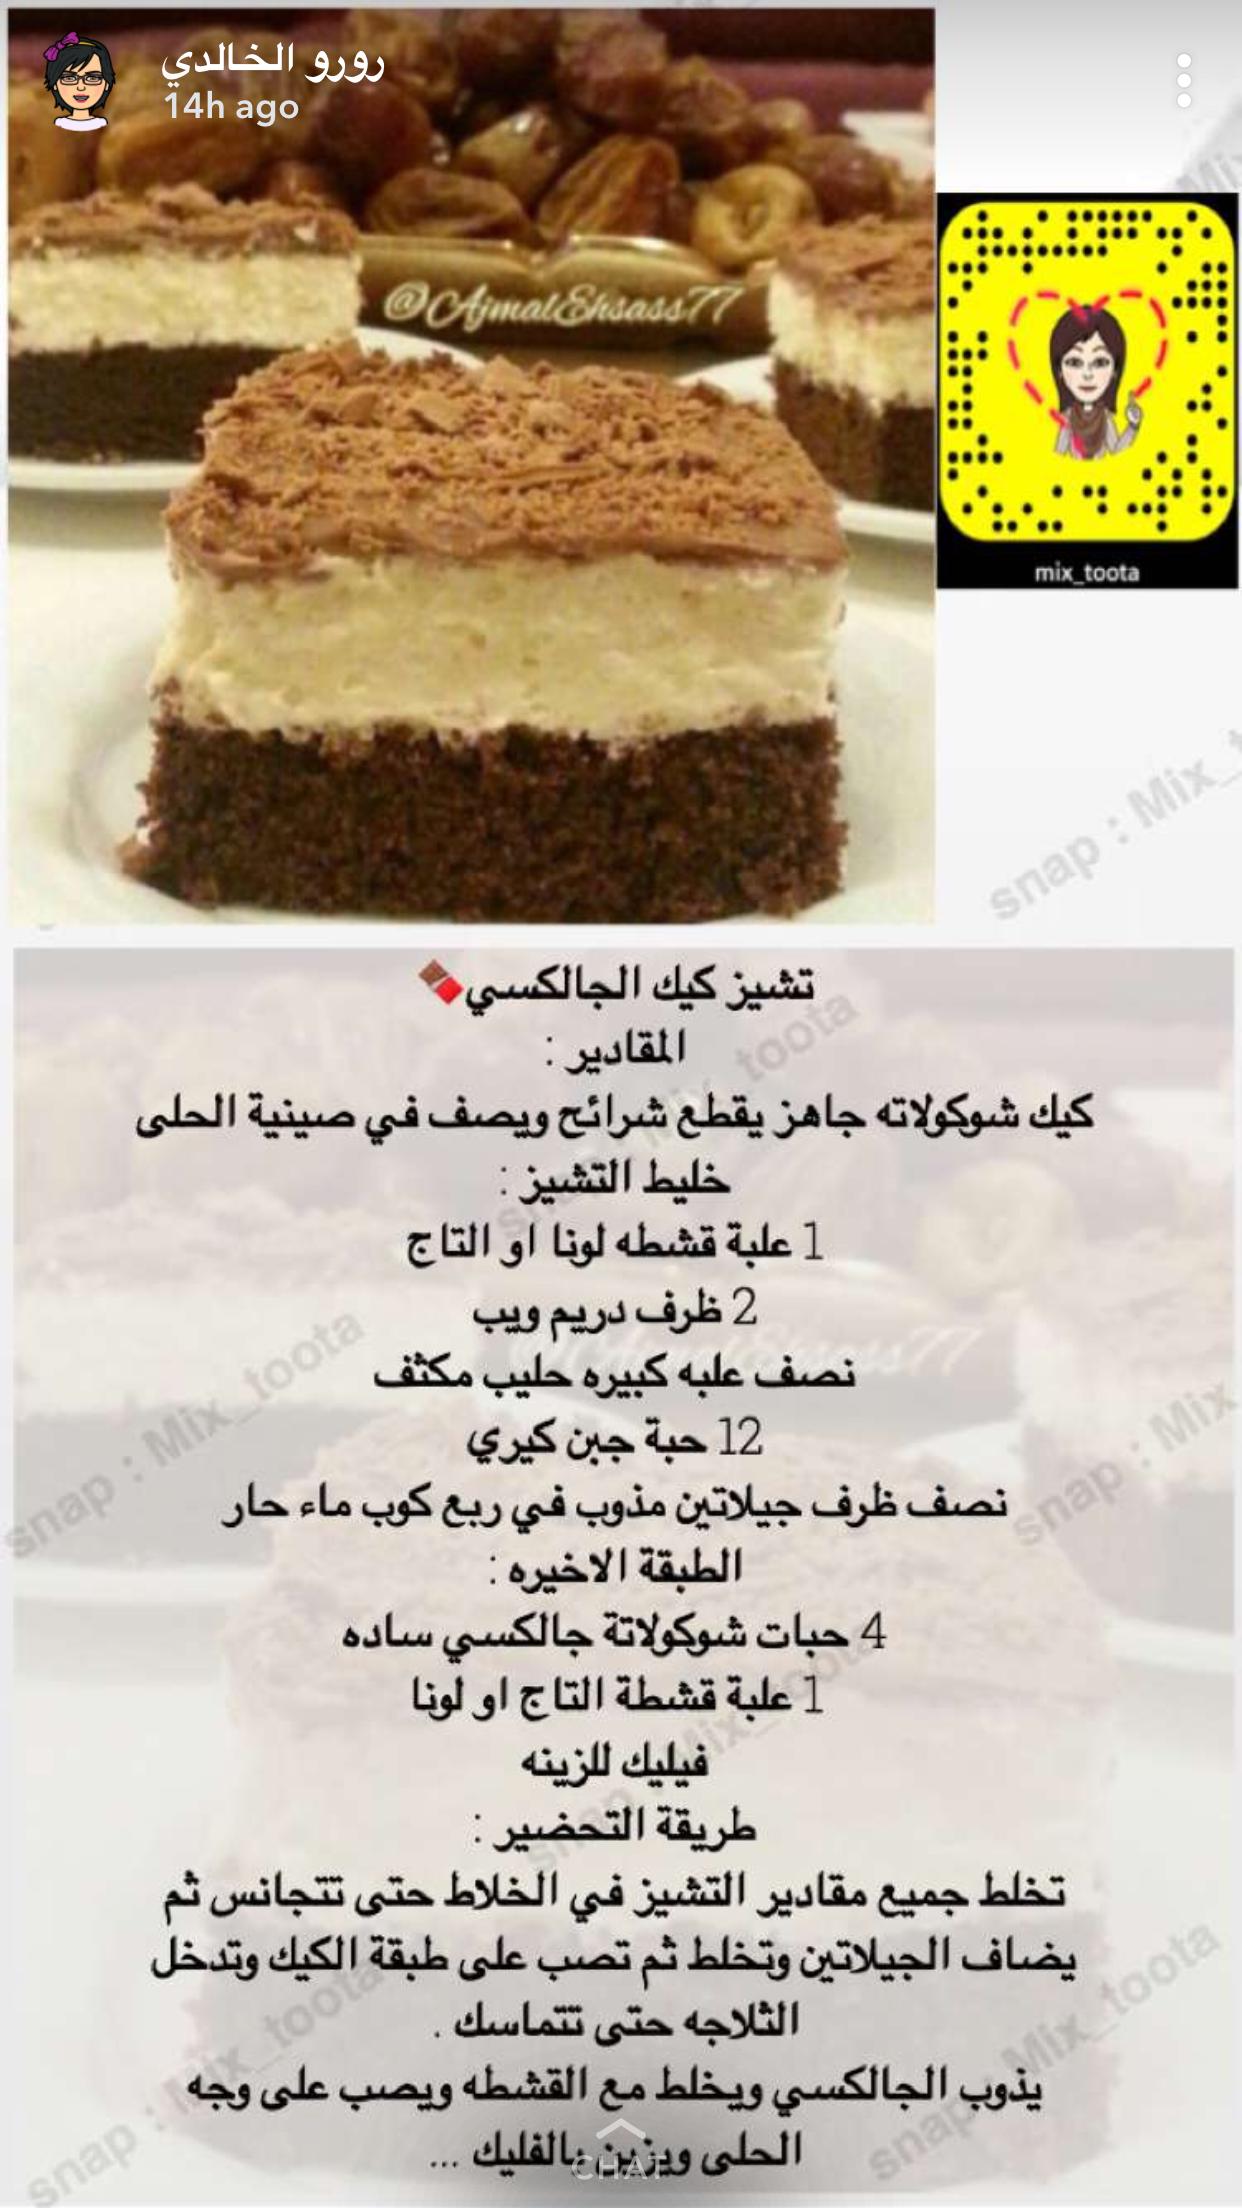 تشيز كيكة الجالكسي Sweets Recipes Arabic Sweets Recipes Libyan Food